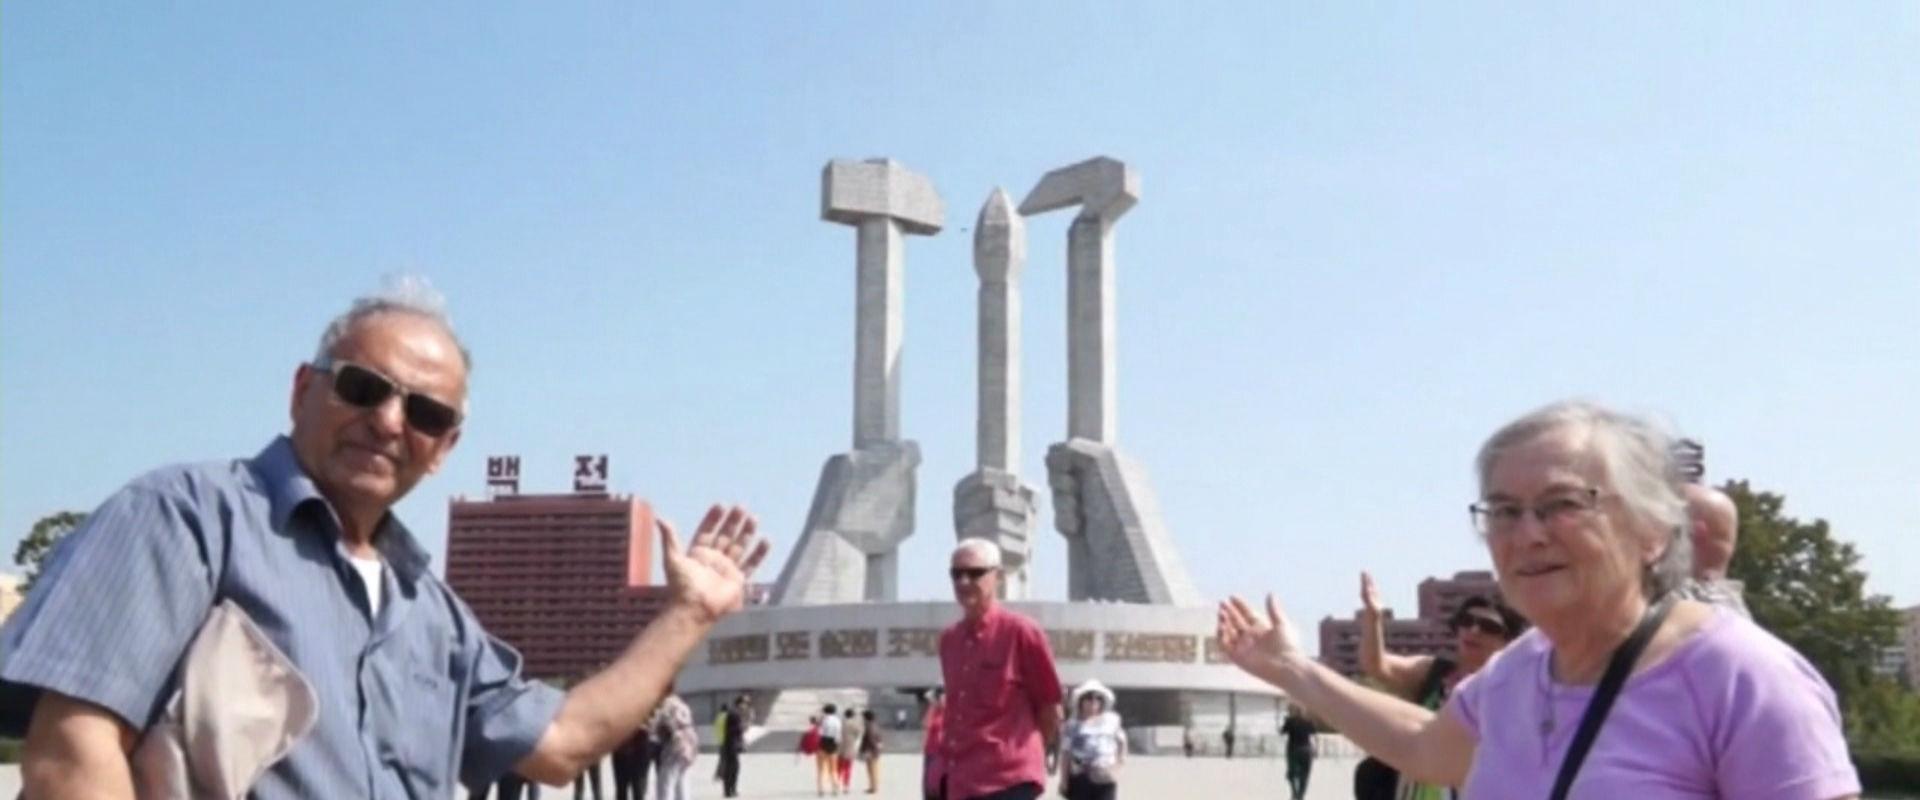 קבוצת הישראלים בצפון קוריאה